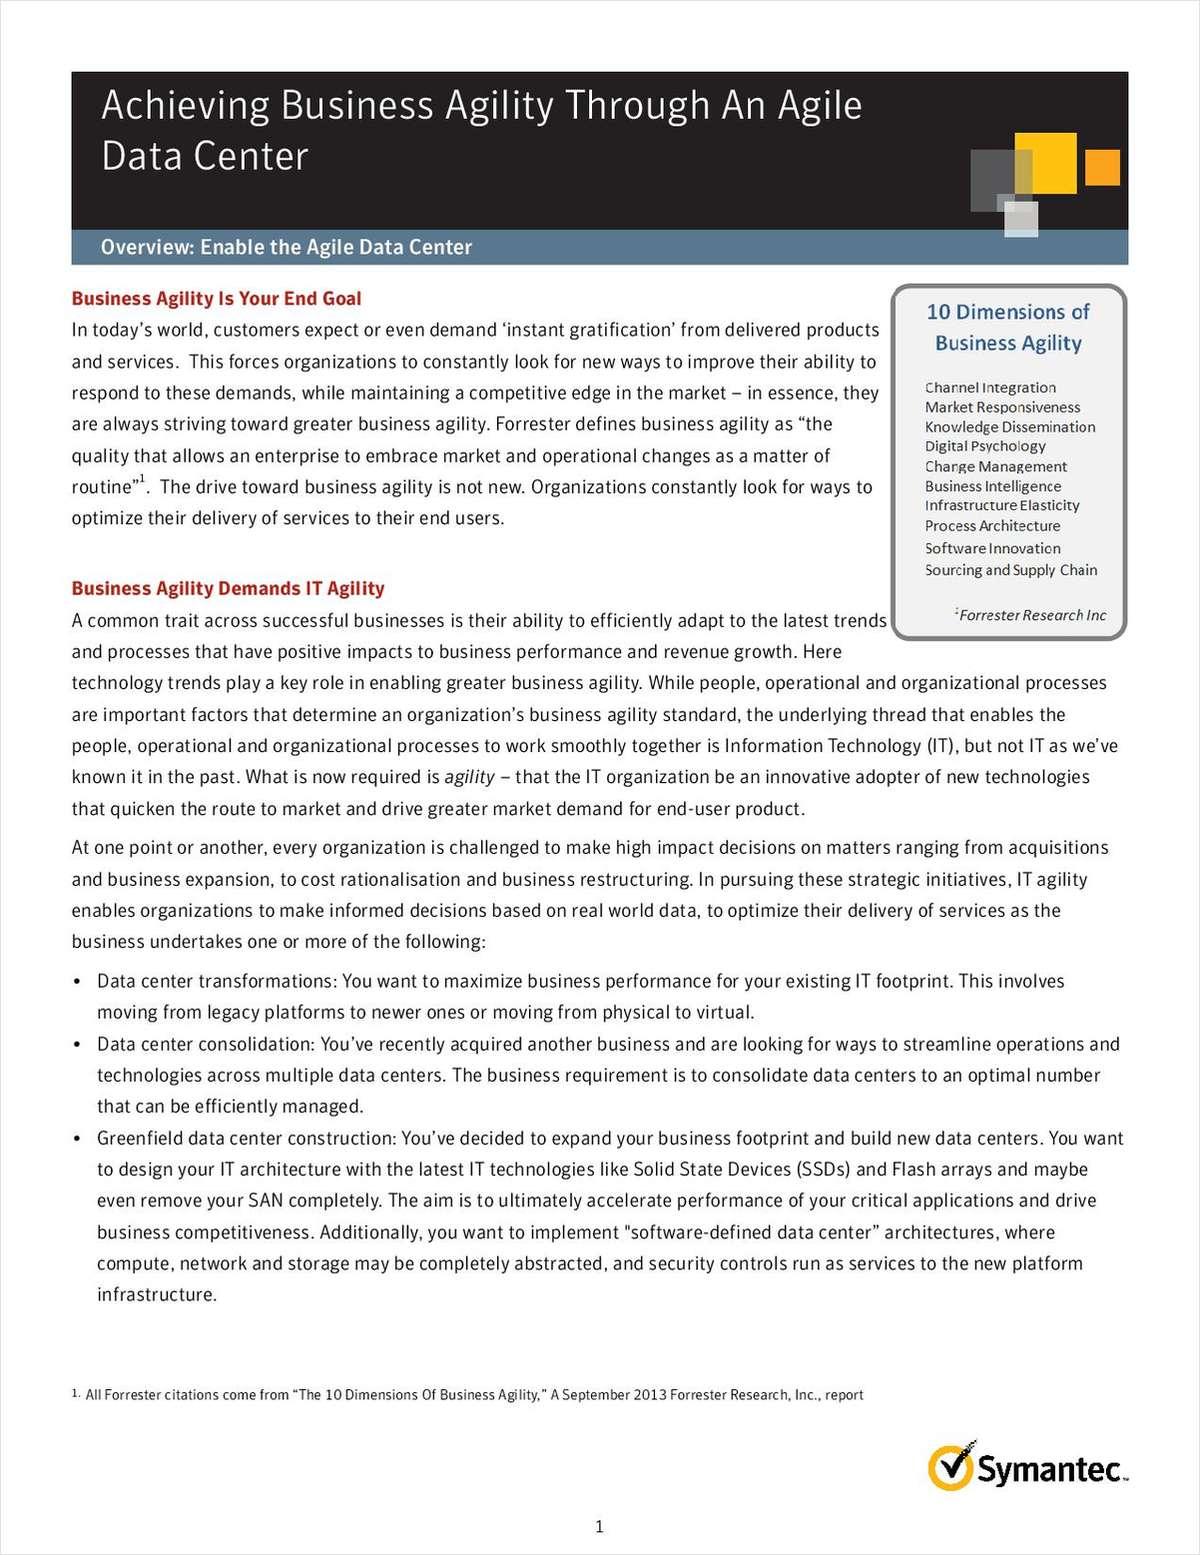 Achieving Business Agility Through An Agile Data Center